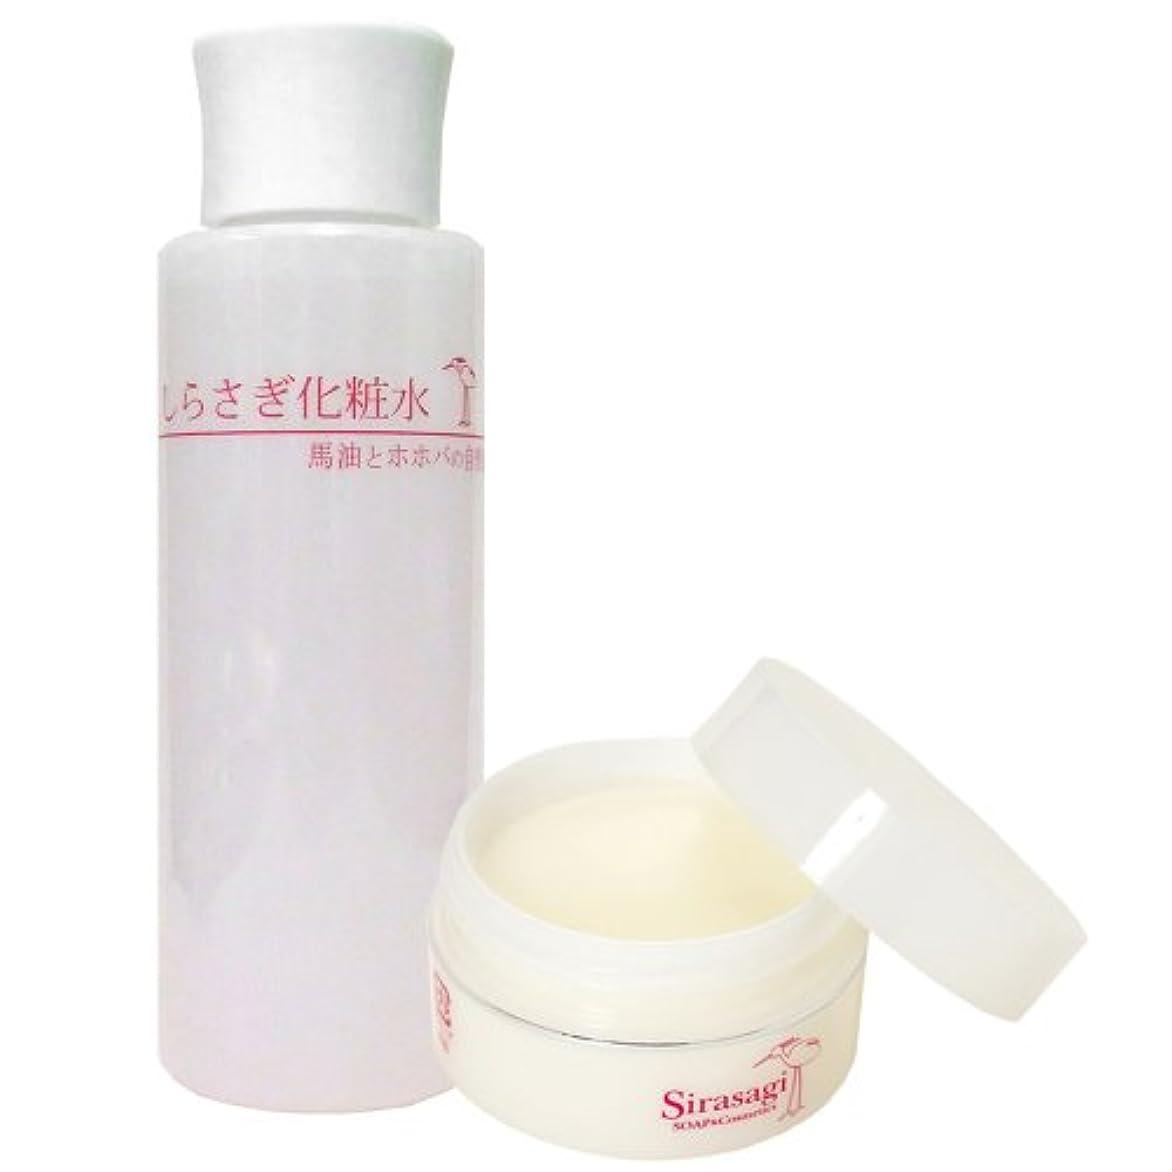 しらさぎクリーム(ラベンダーとローズウッドの香り)としらさぎ化粧水のセット